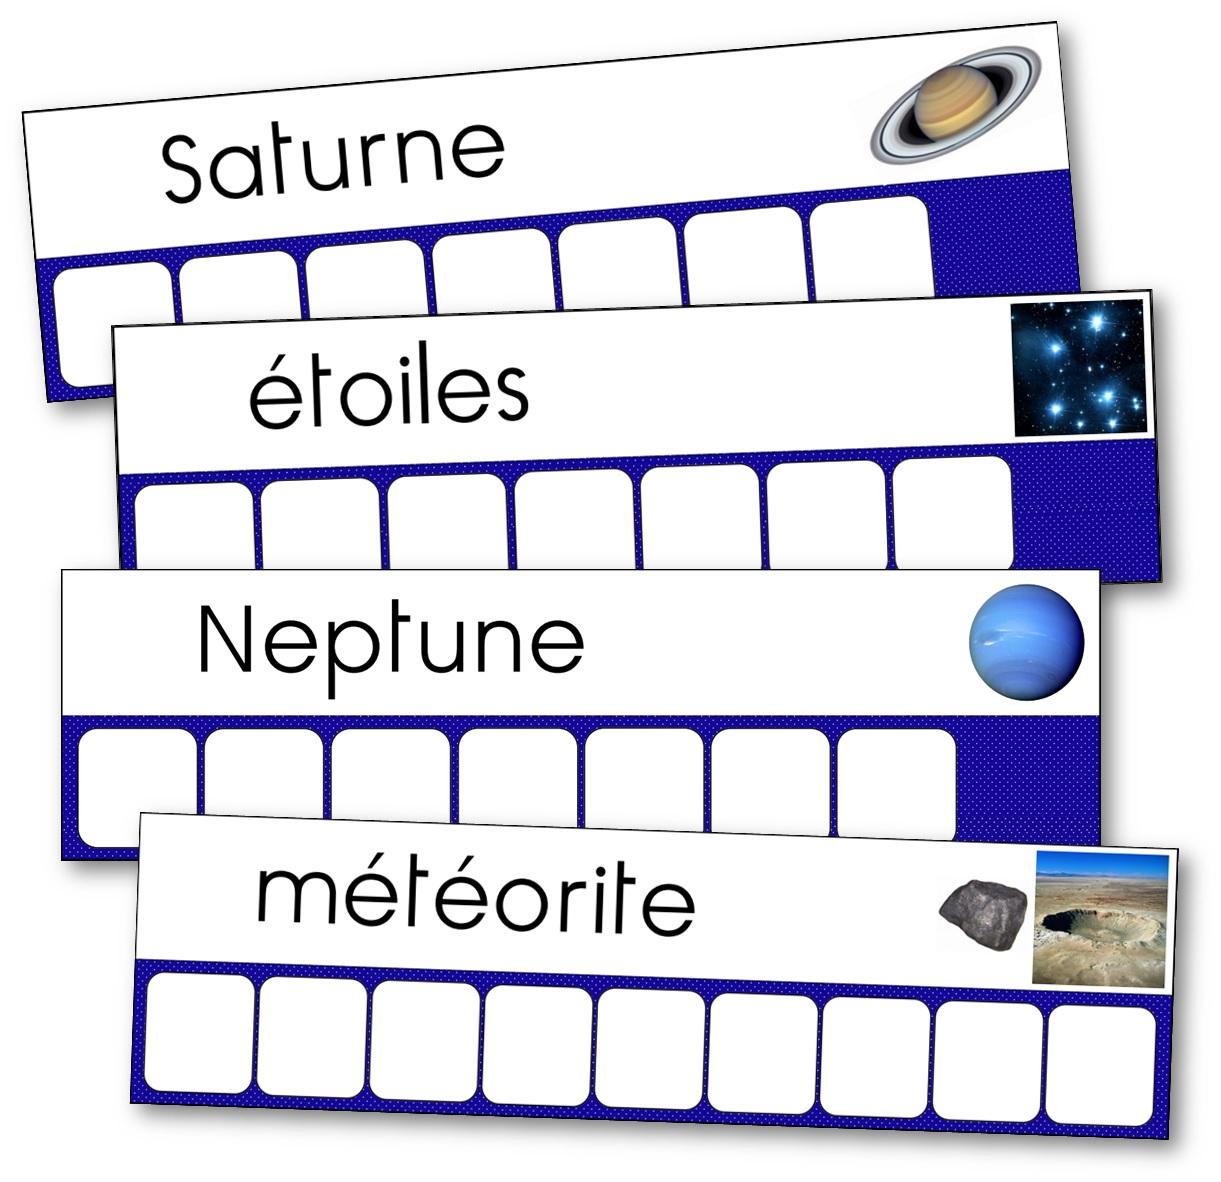 Atelier des mots sur la conquête spatiale, l'espace et l'Univers, atelier des mots espace